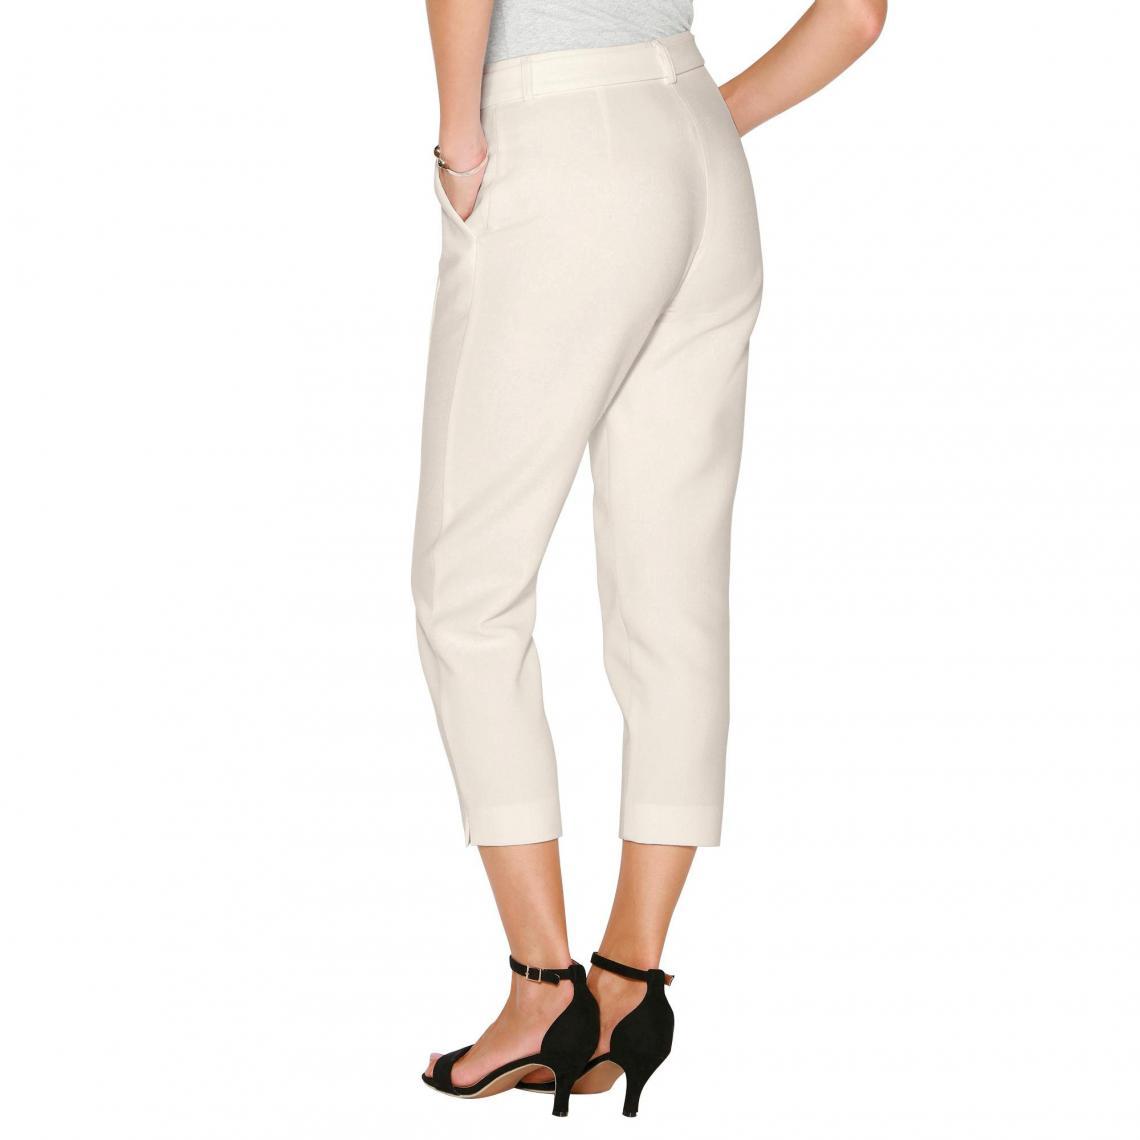 051f193b159 Pantalon avec ceinture à nouer et bas fendus femme - écru 3 SUISSES